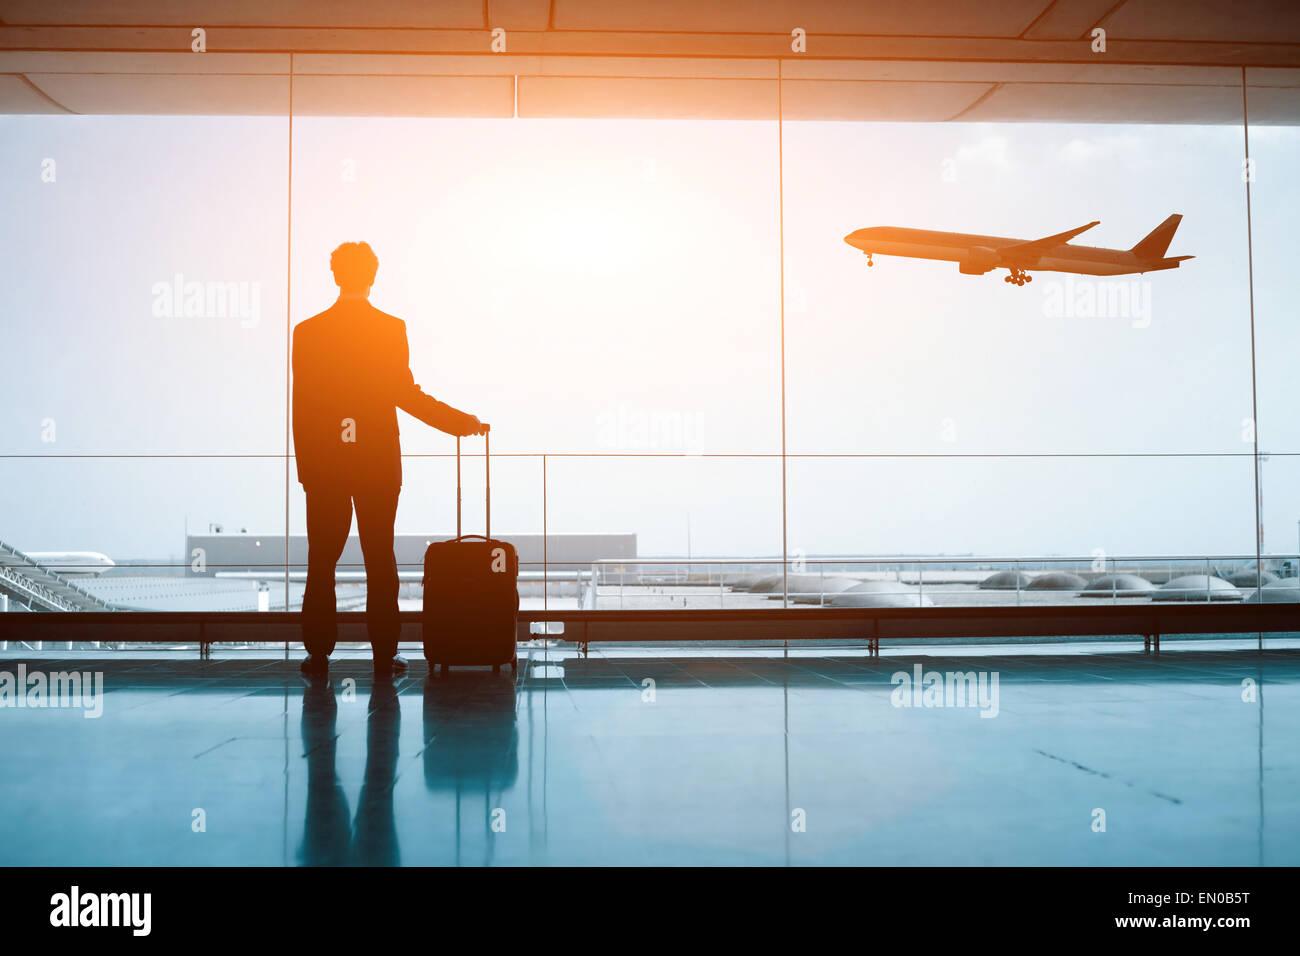 Attesa in aeroporto Immagini Stock